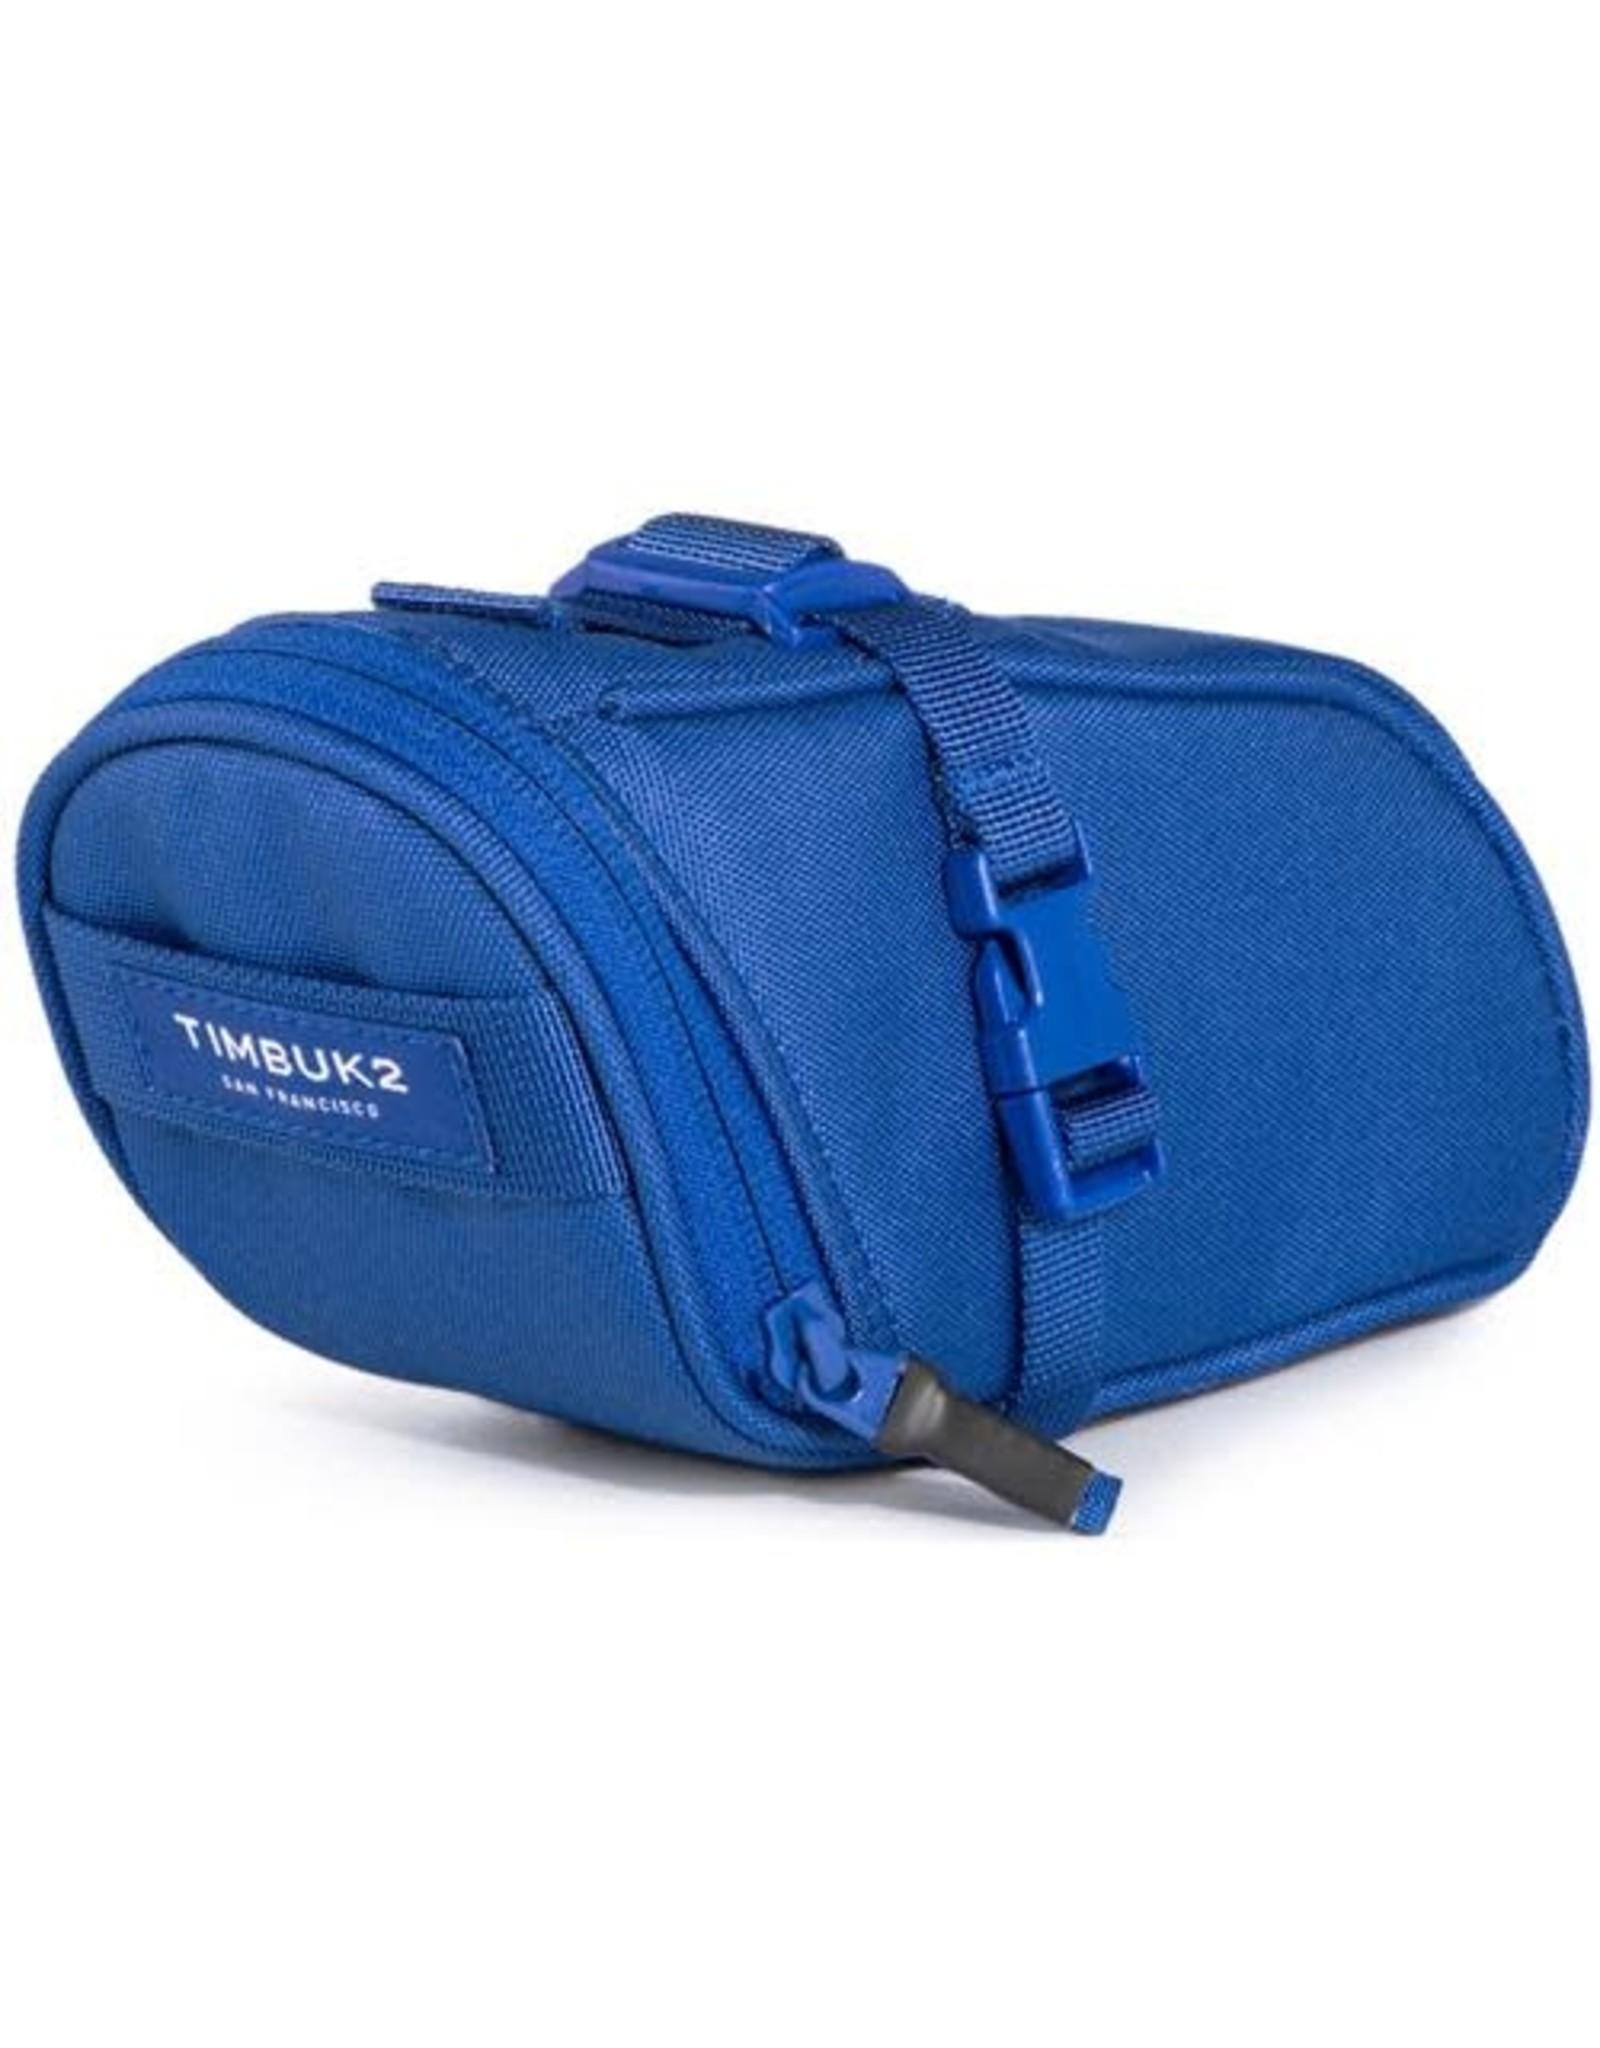 Timbuk2 Timbuk2 Seat Bag - Intense Blue - Medium